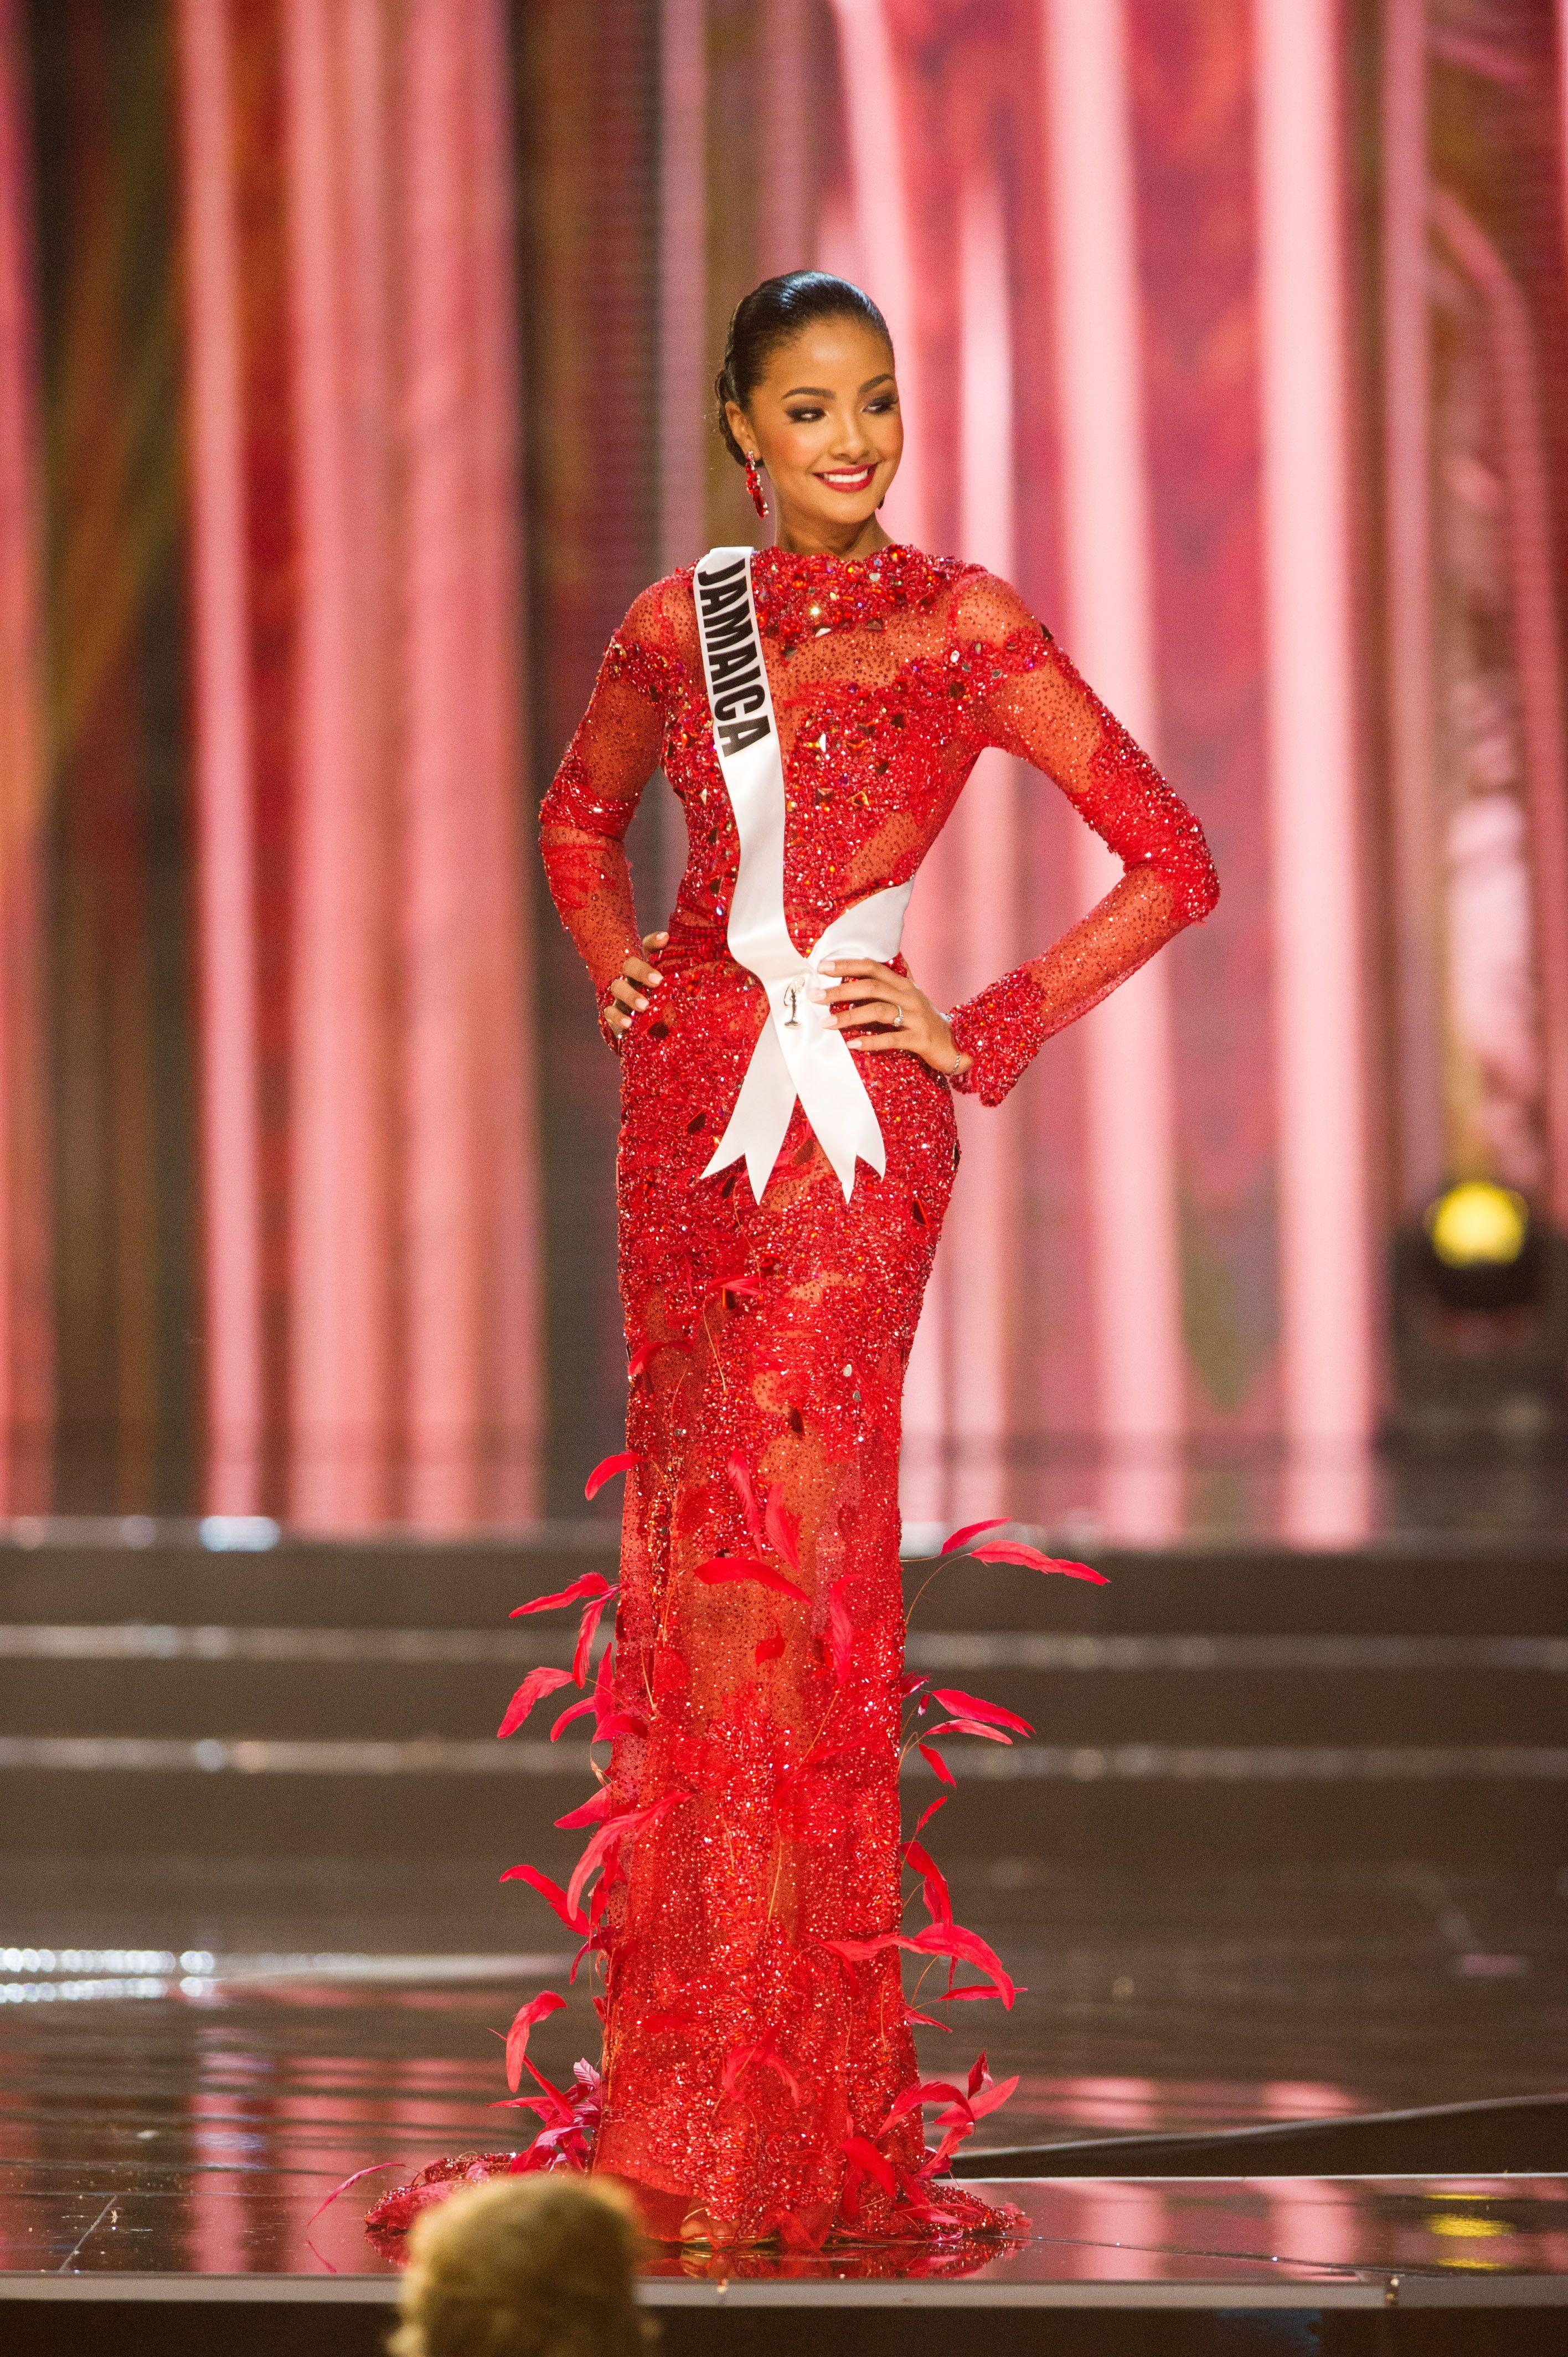 Hermosa Vestidos De Fiesta Pre Propiedad Imágenes - Colección de ...